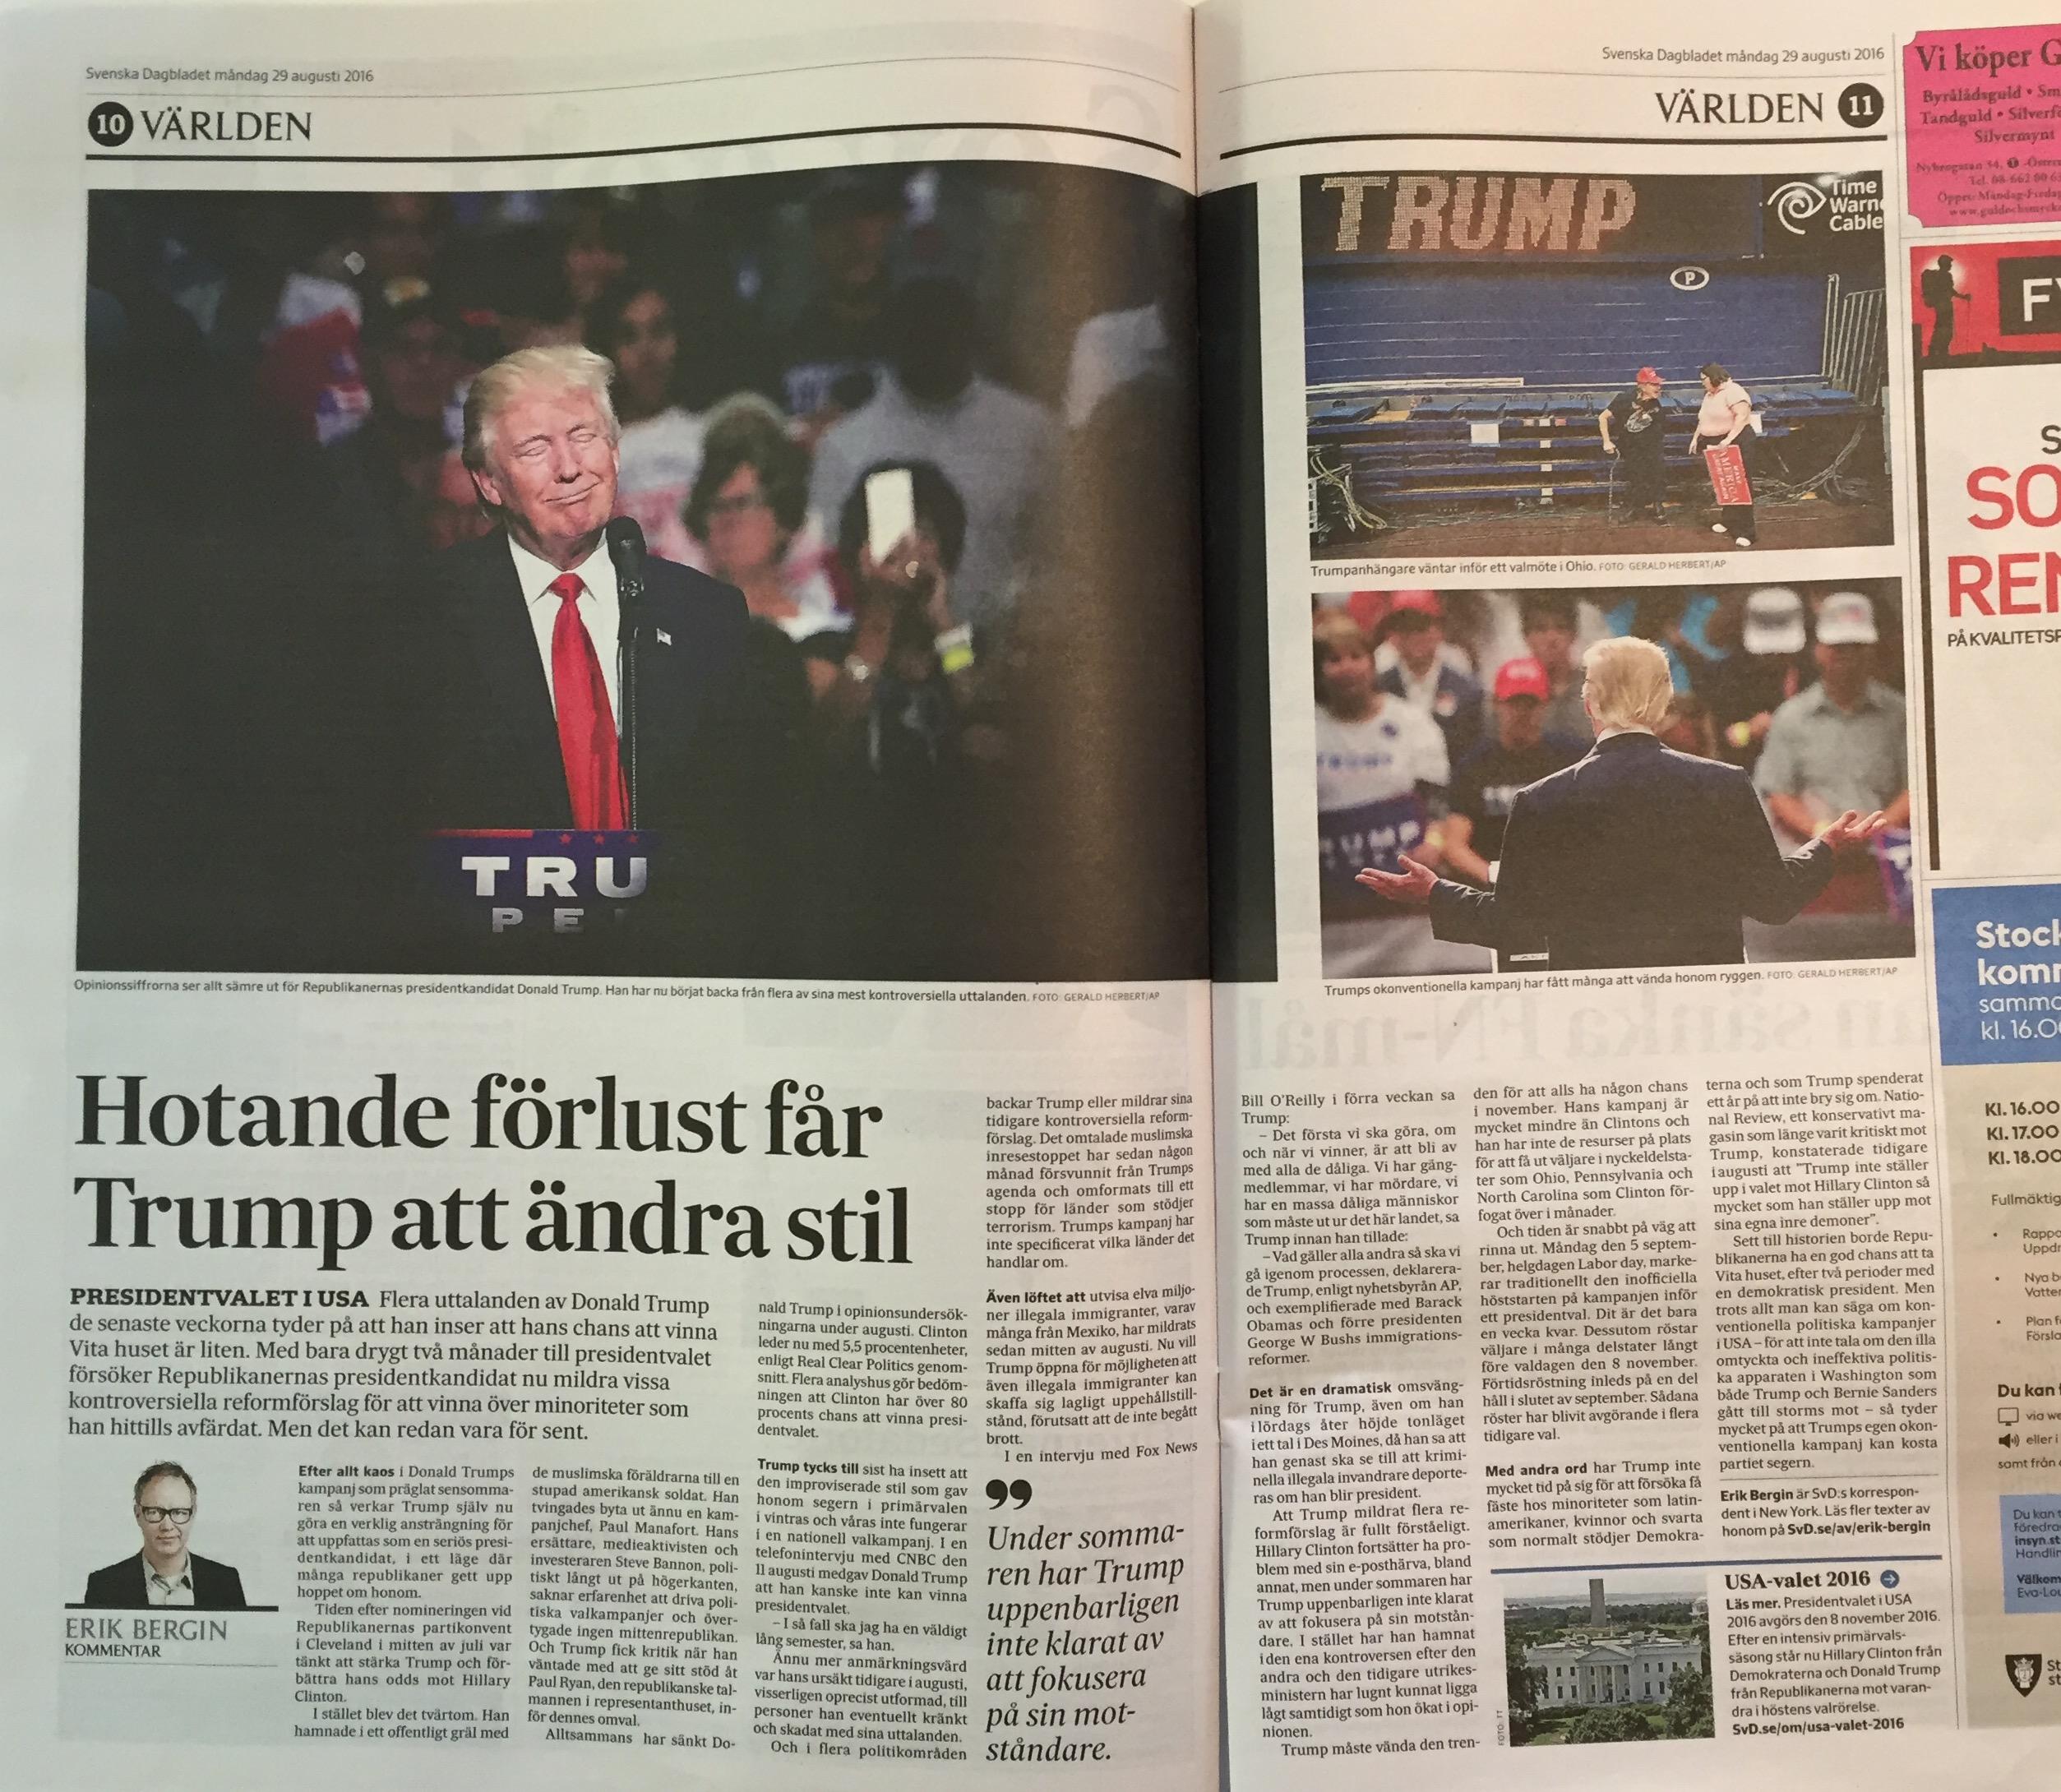 Uppslaget 10-11 i SvD måndag den 29 augusti 2016.